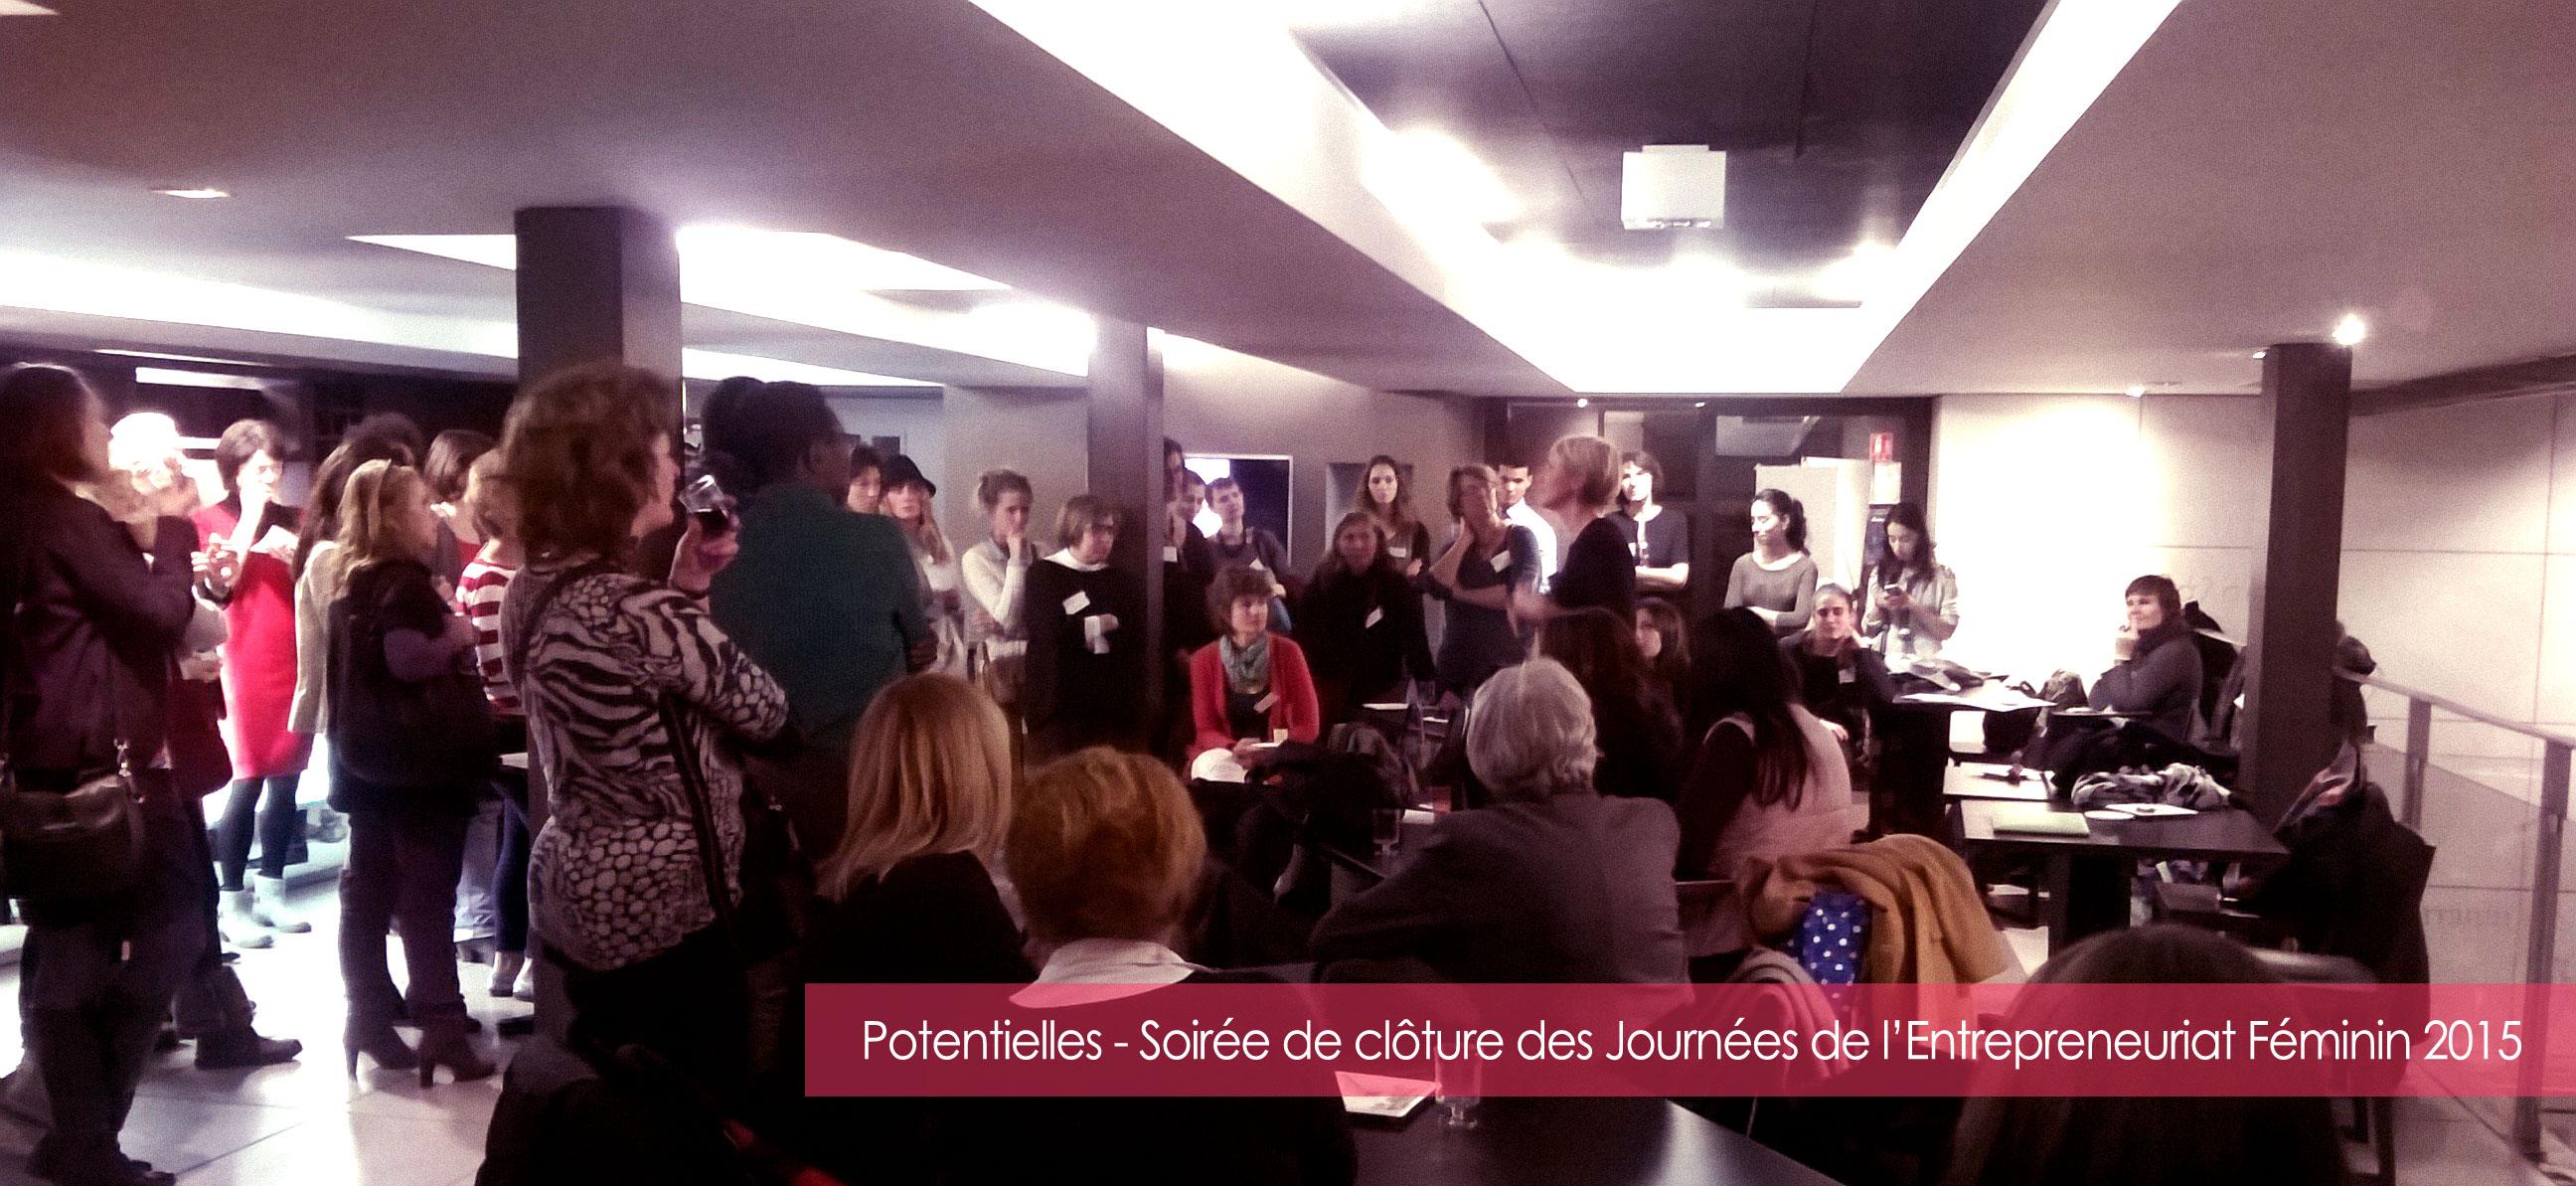 Clôture des Journées de l'Entrepreneuriat Féminin de Potentielles